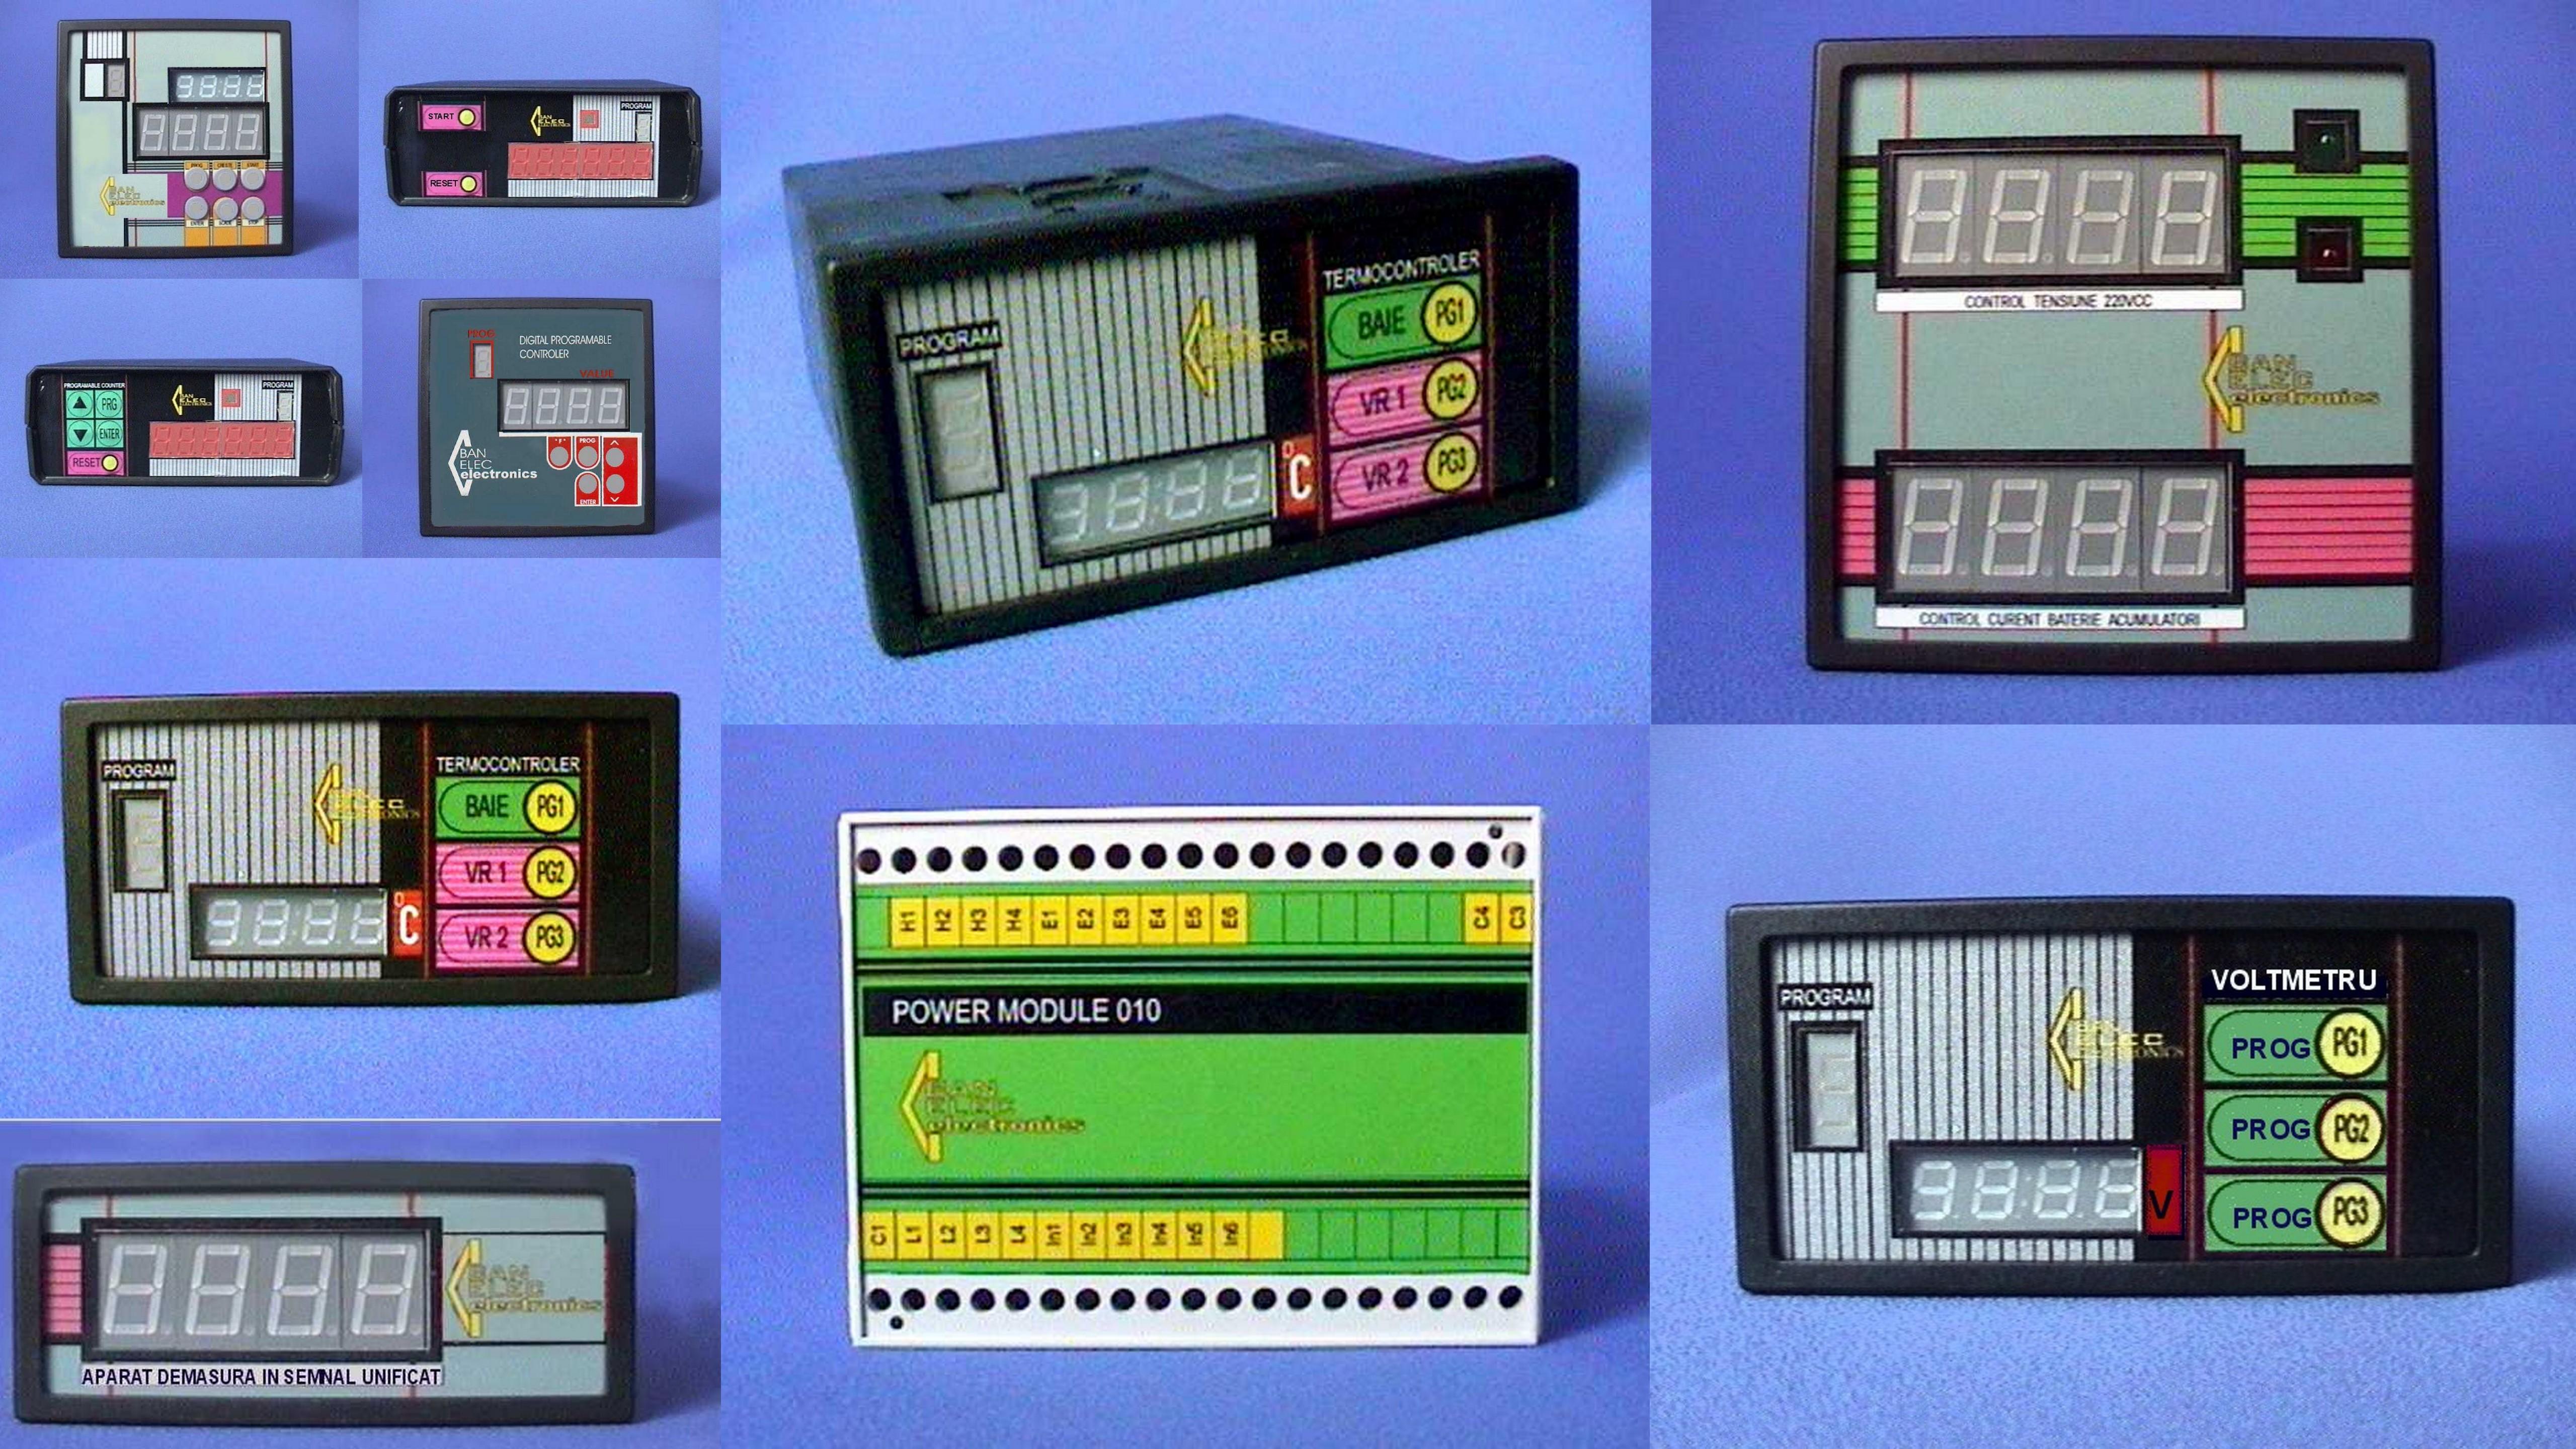 panouri arhiva diferite aparate